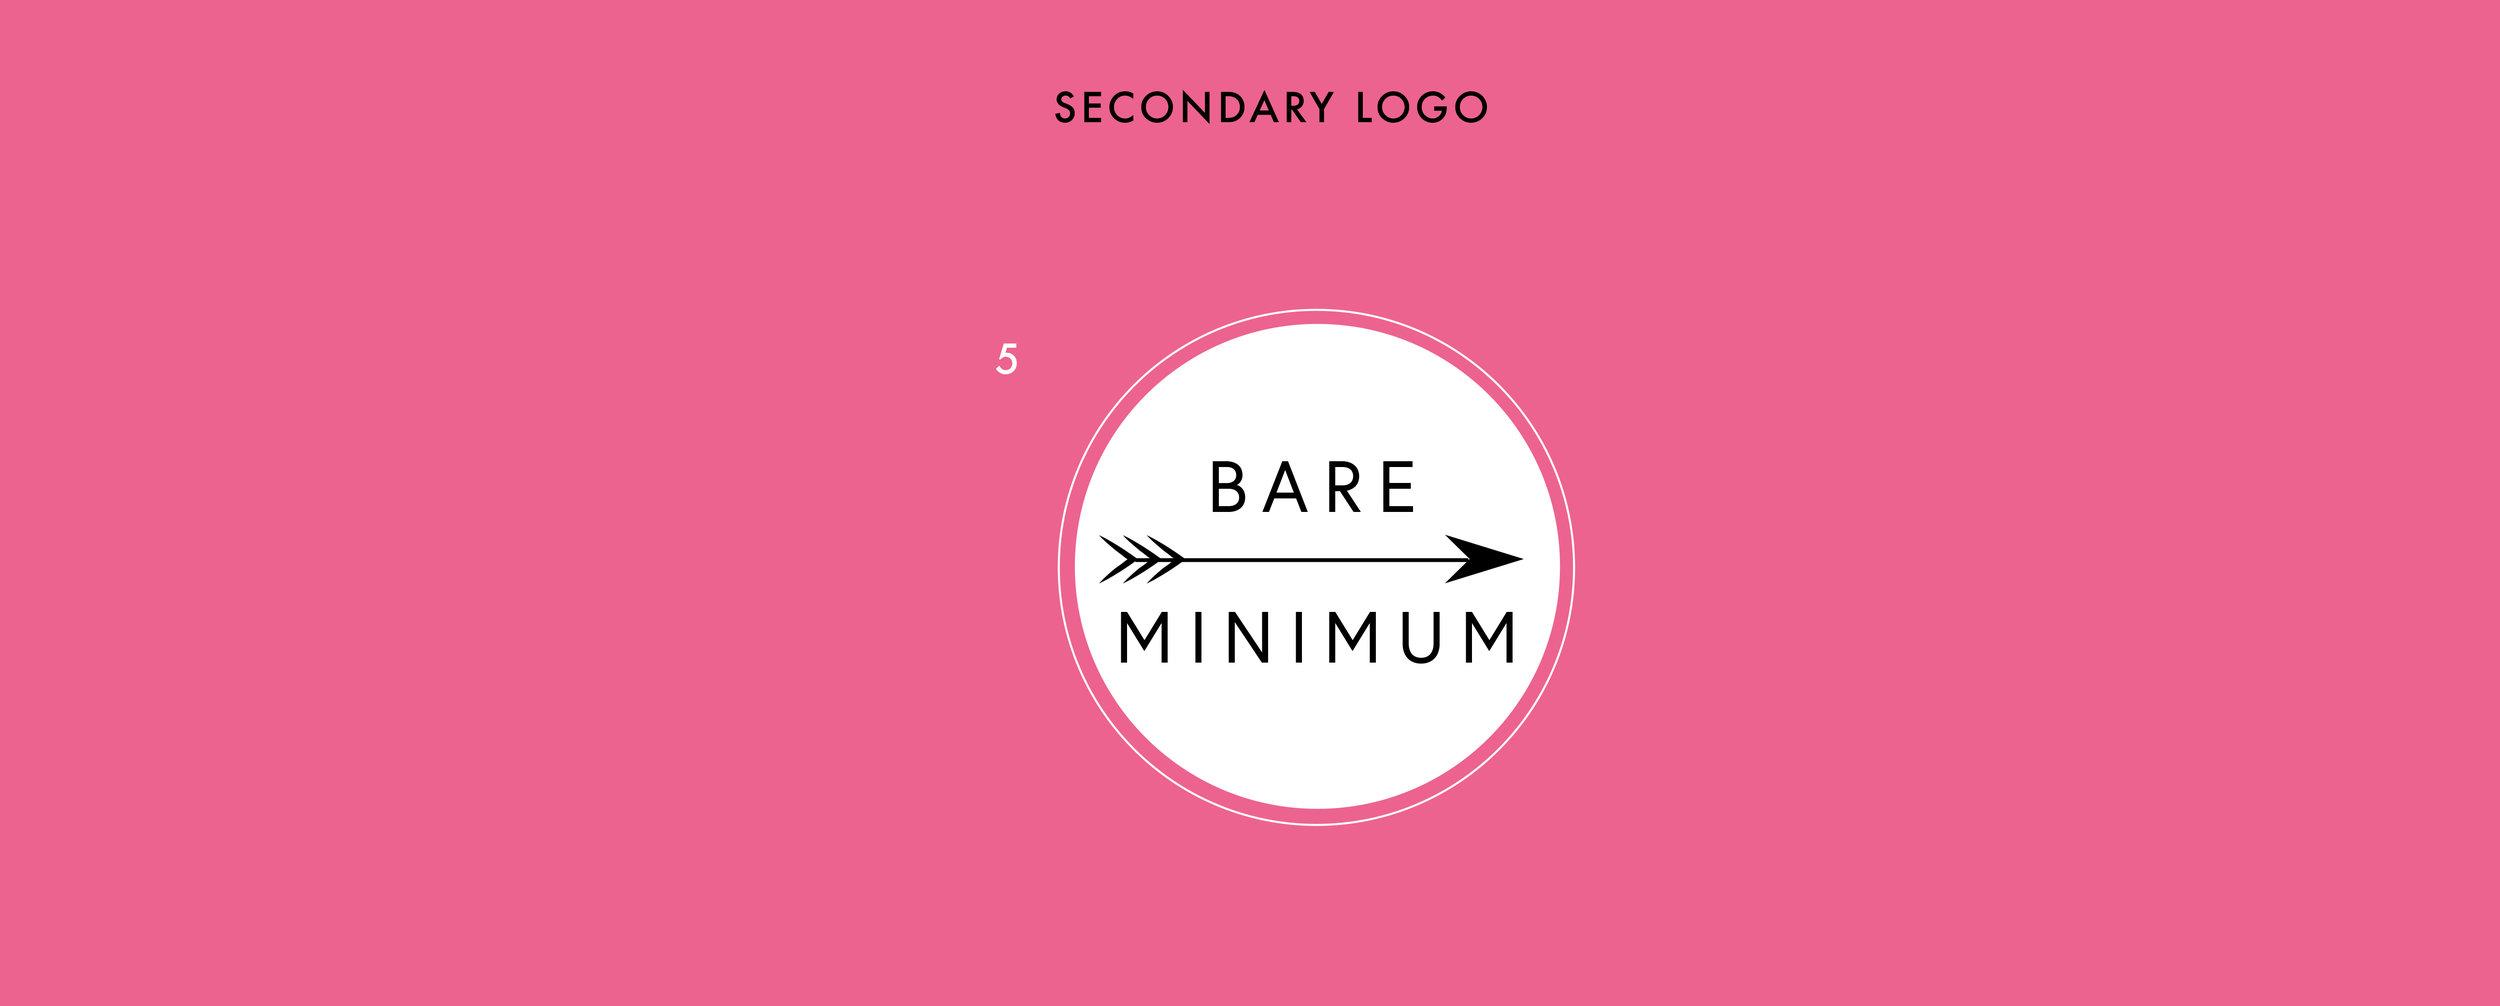 BareMinimum_Logos_draft4-8.jpg